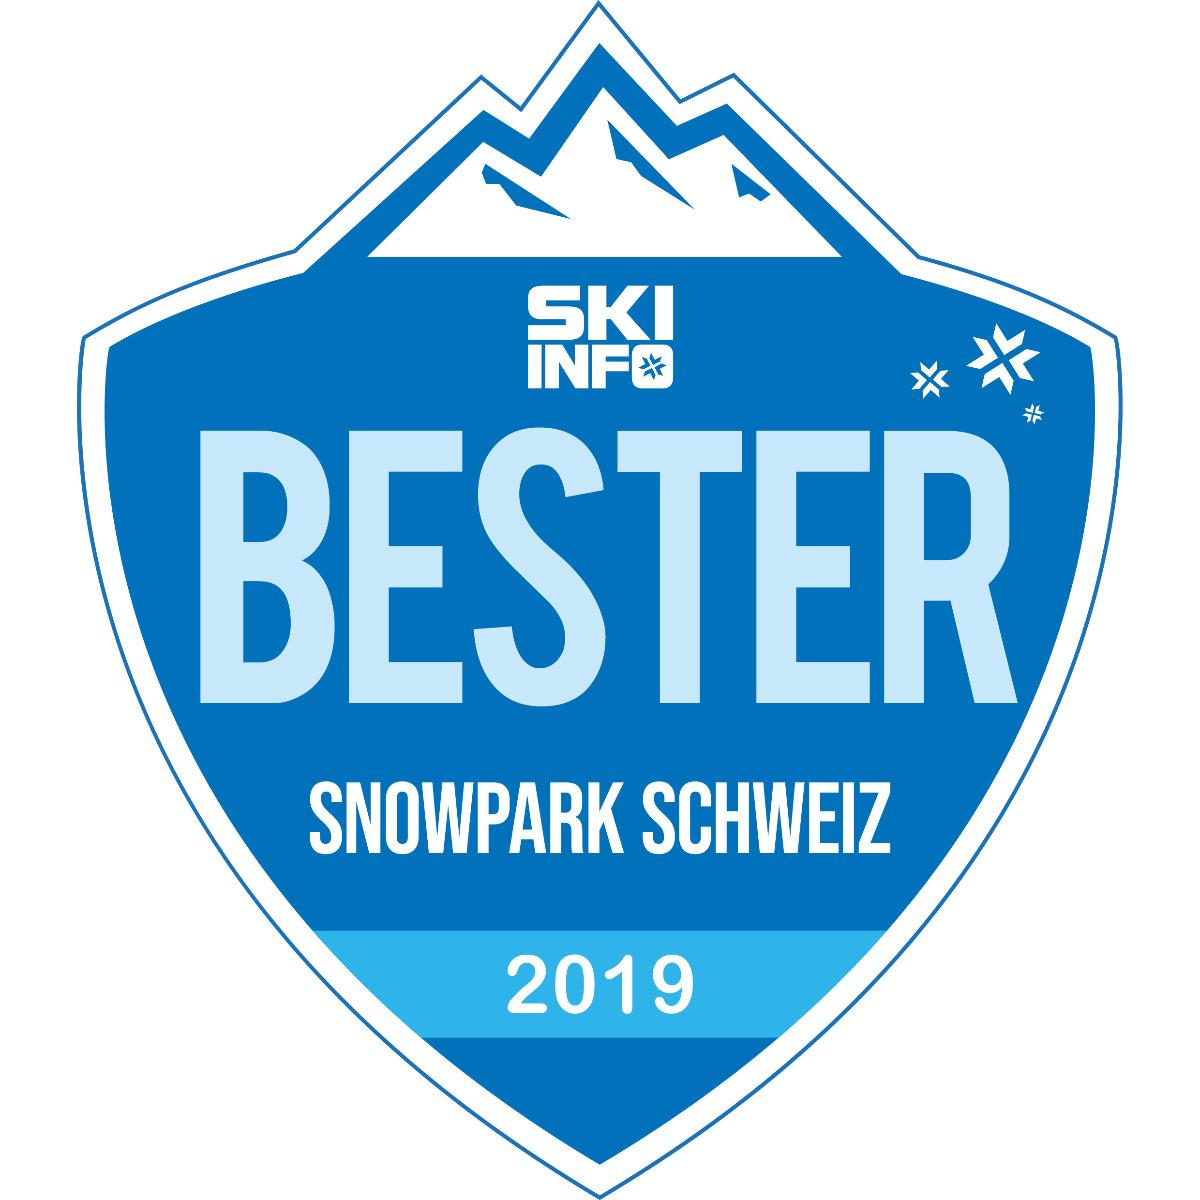 Bester Snowpark Schweiz 2018/2019